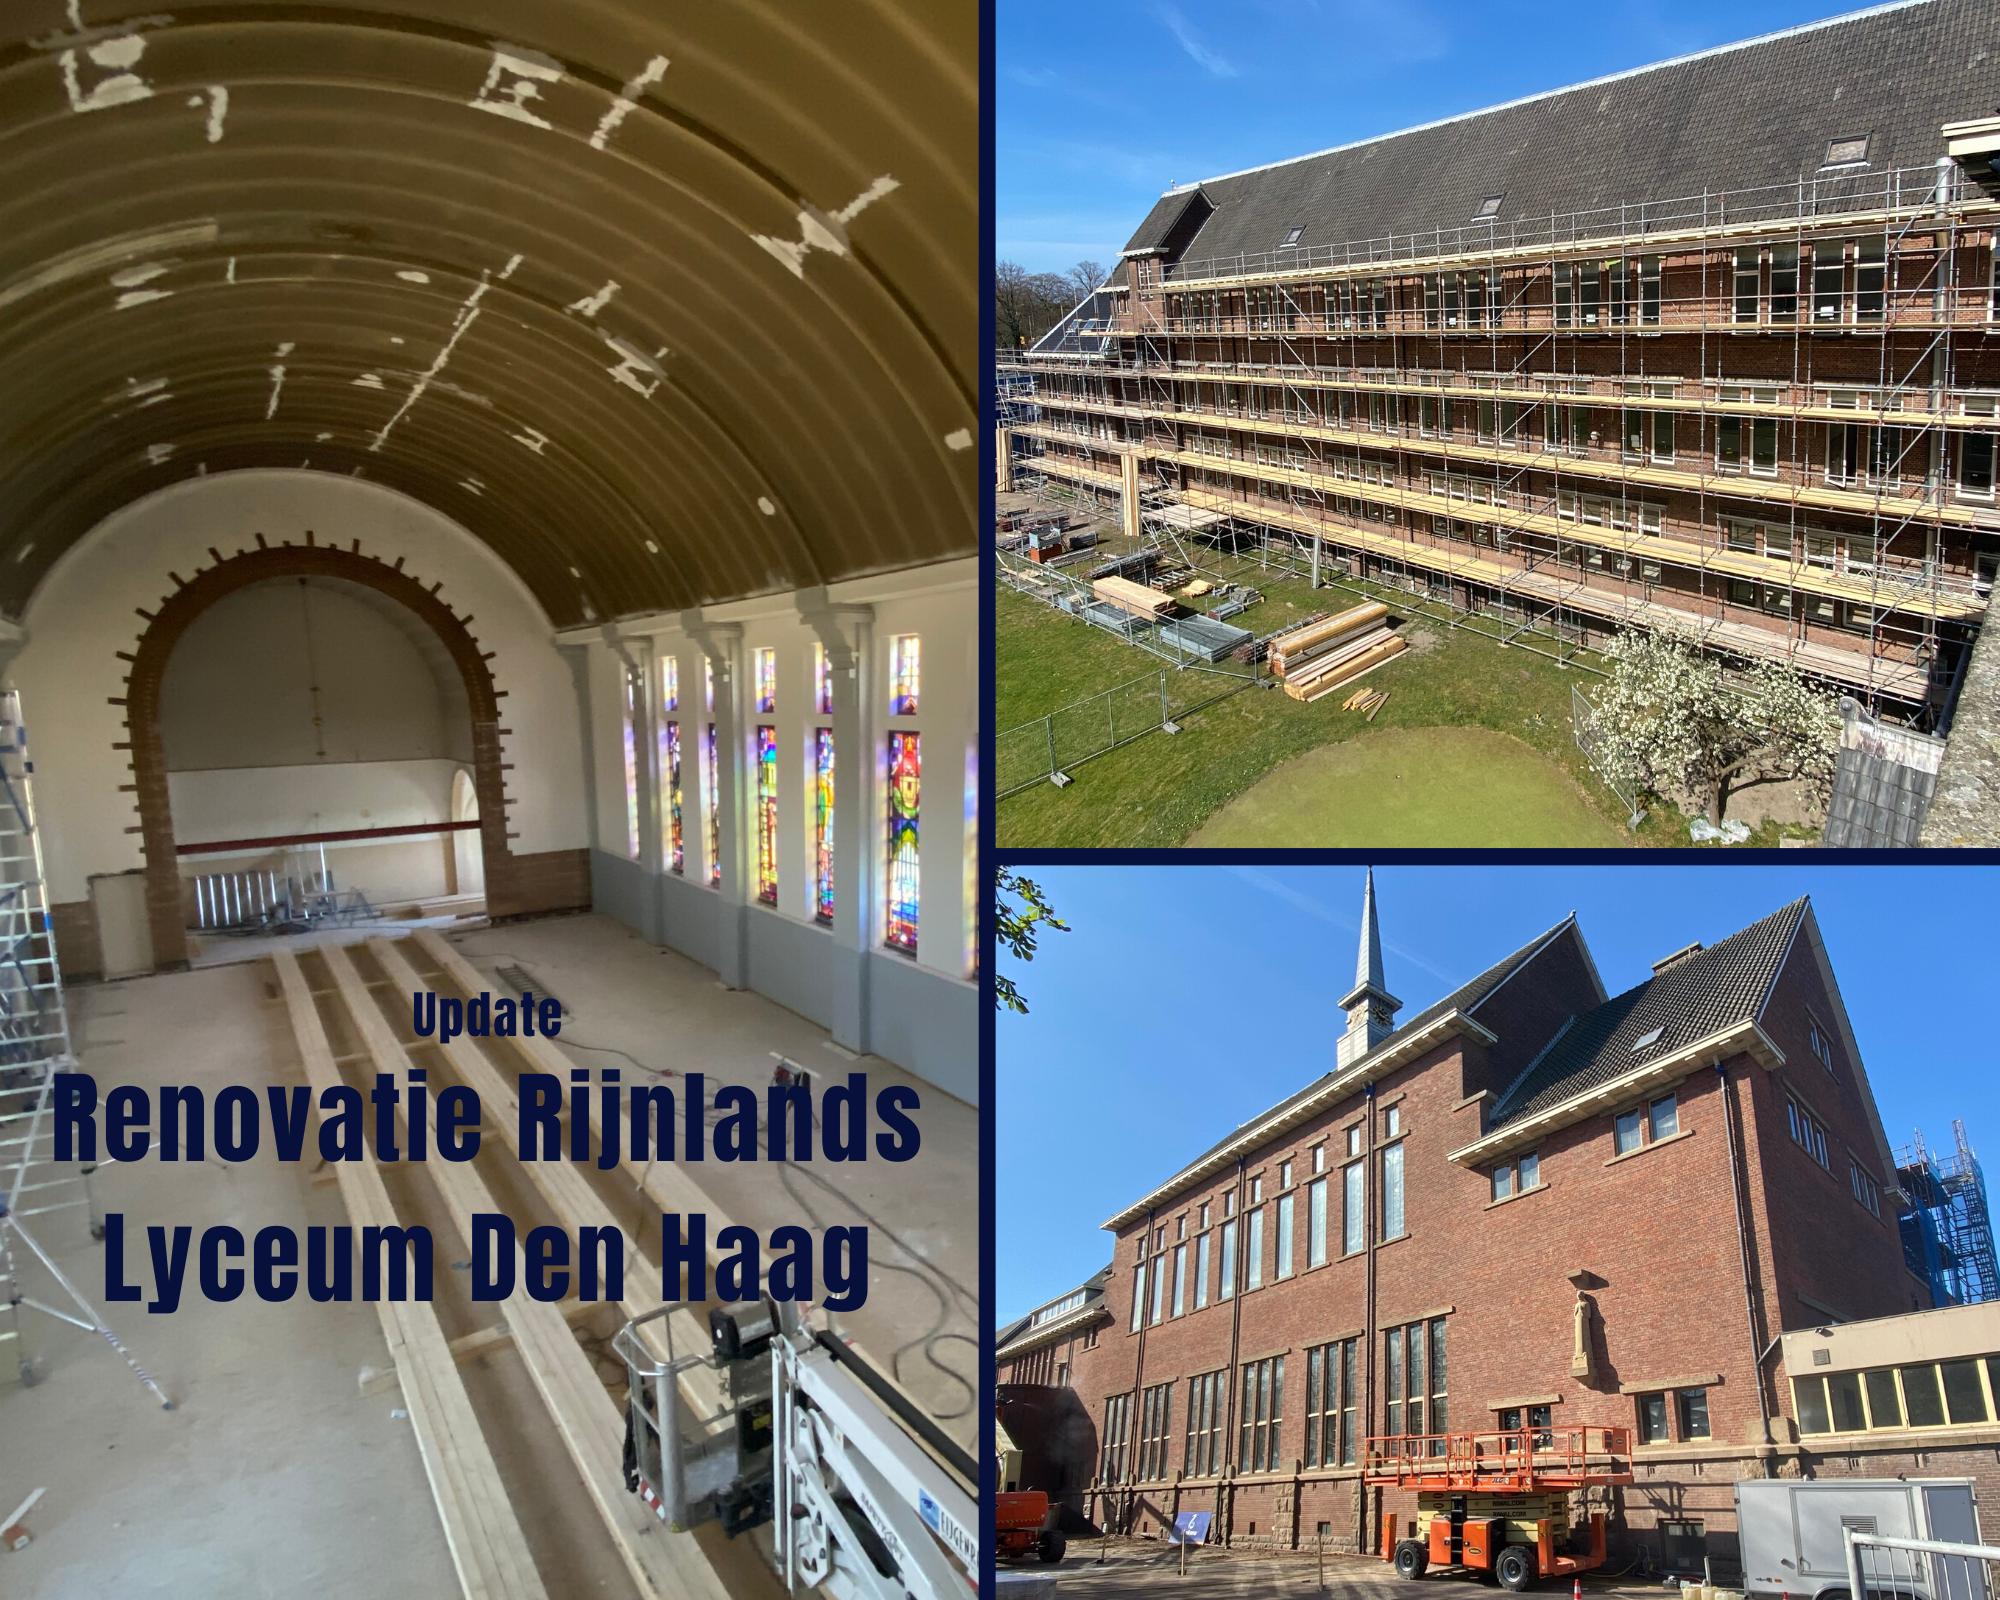 Update Renovatie Rijnlands Lyceum Den Haag